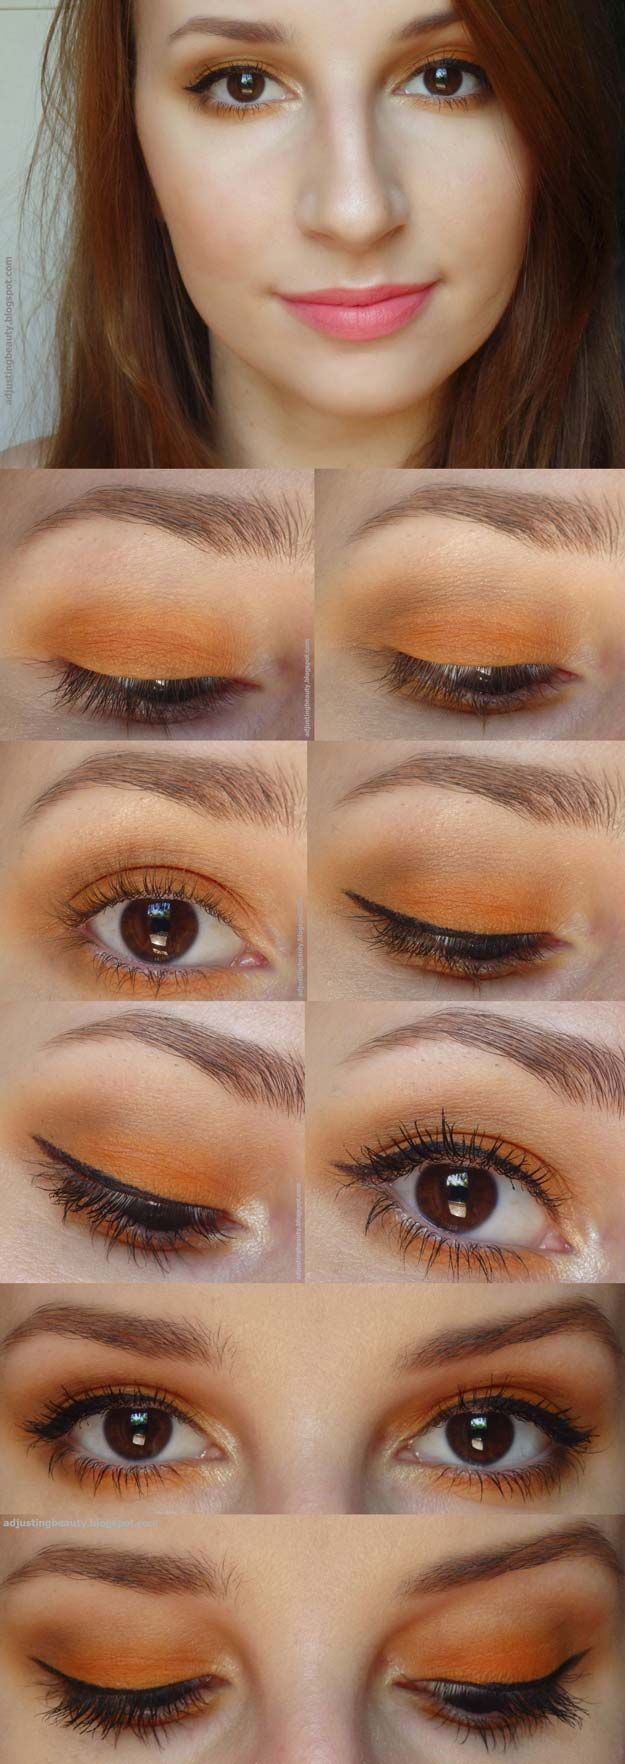 Best Eyeshadow Tutorials Orange Eye Makeup Easy Step By Step